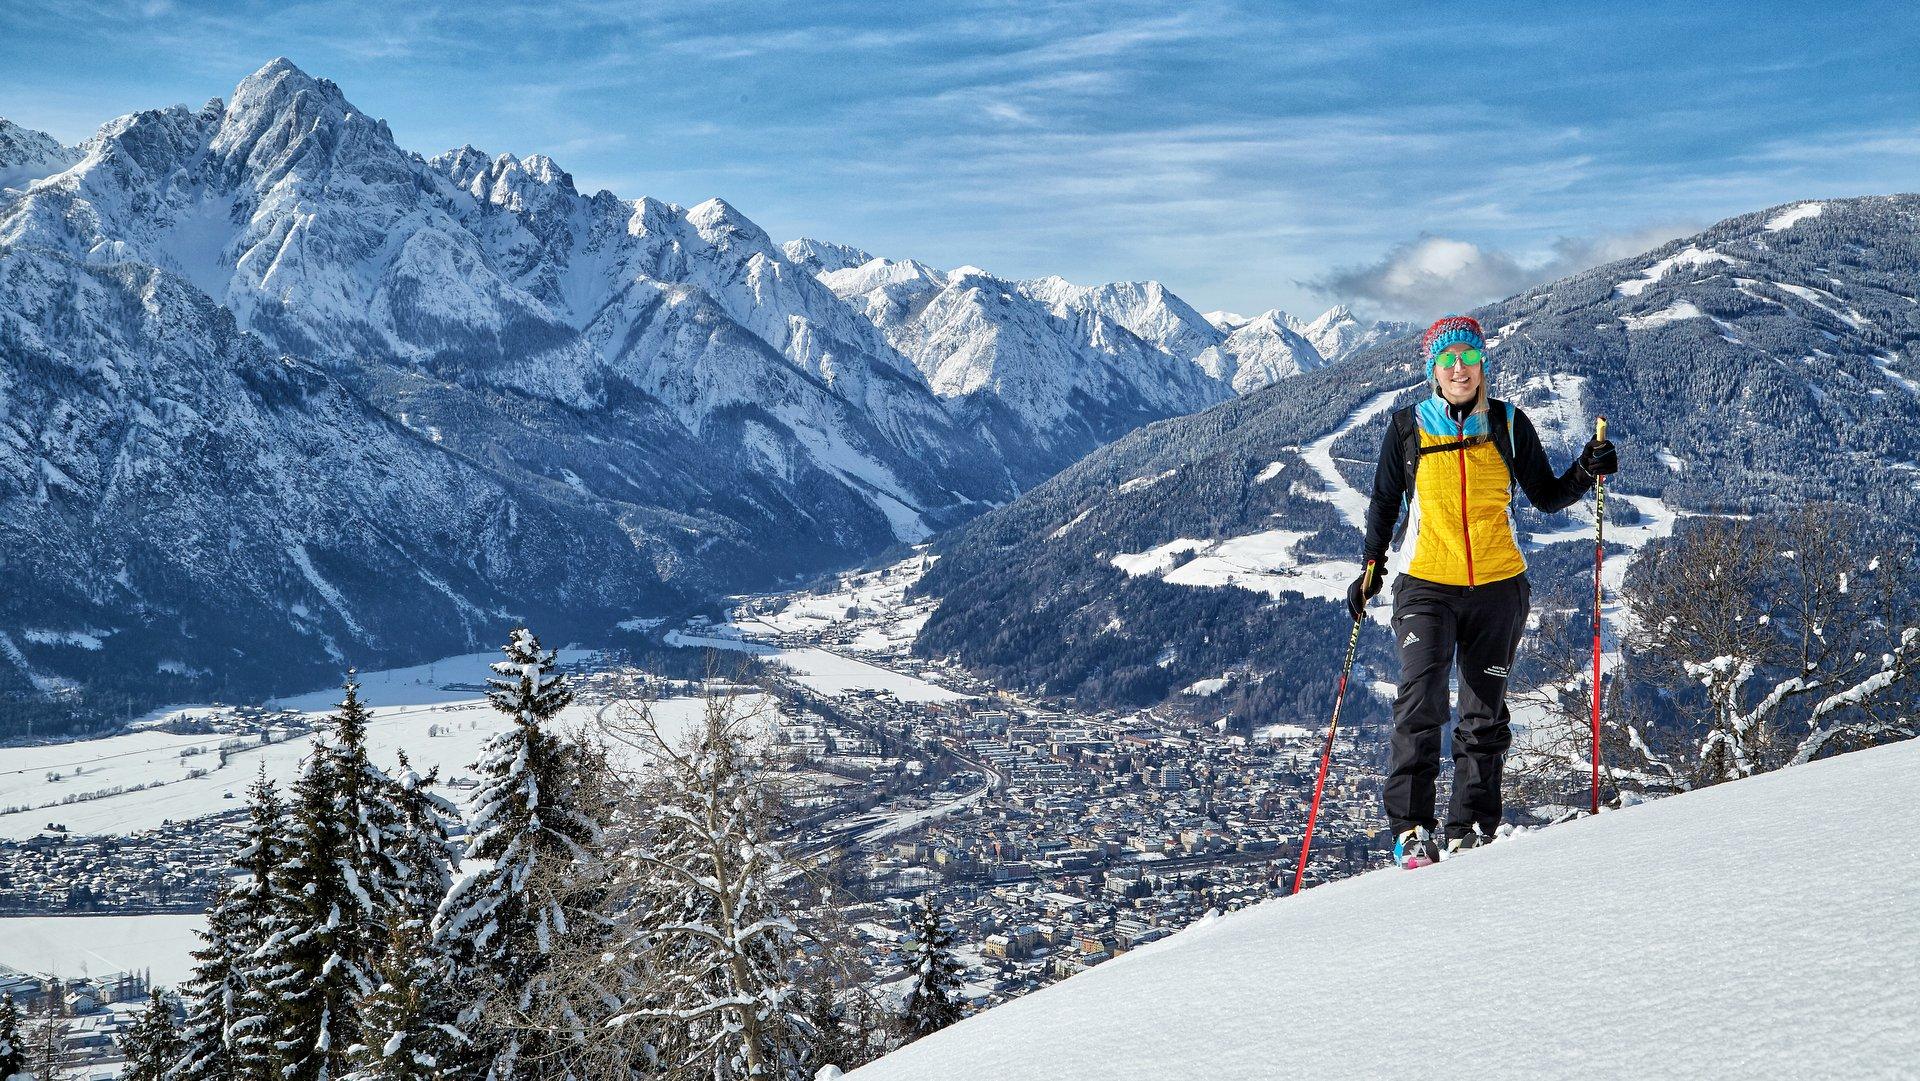 Wintersonne in den Lienzer Dolomiten - Die Stadt Lienz   © TVB Osttirol Seebacher Willi